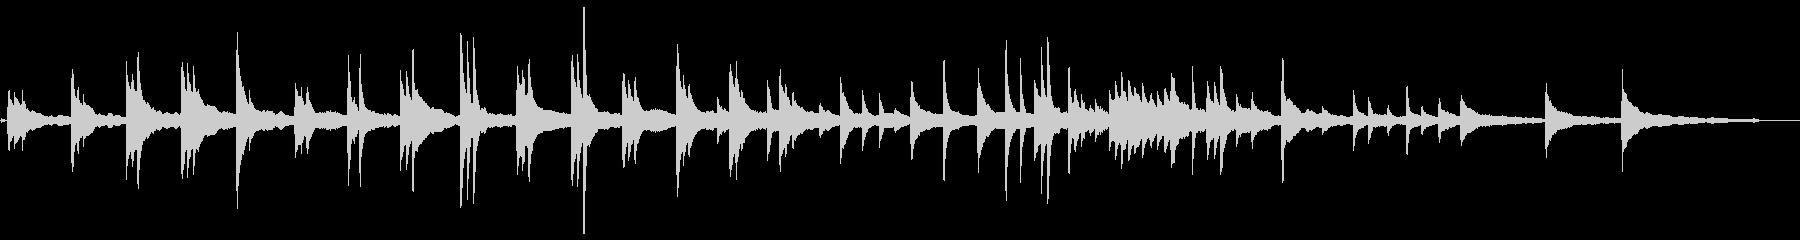 間と響で聞かせるピアノソロ曲の未再生の波形